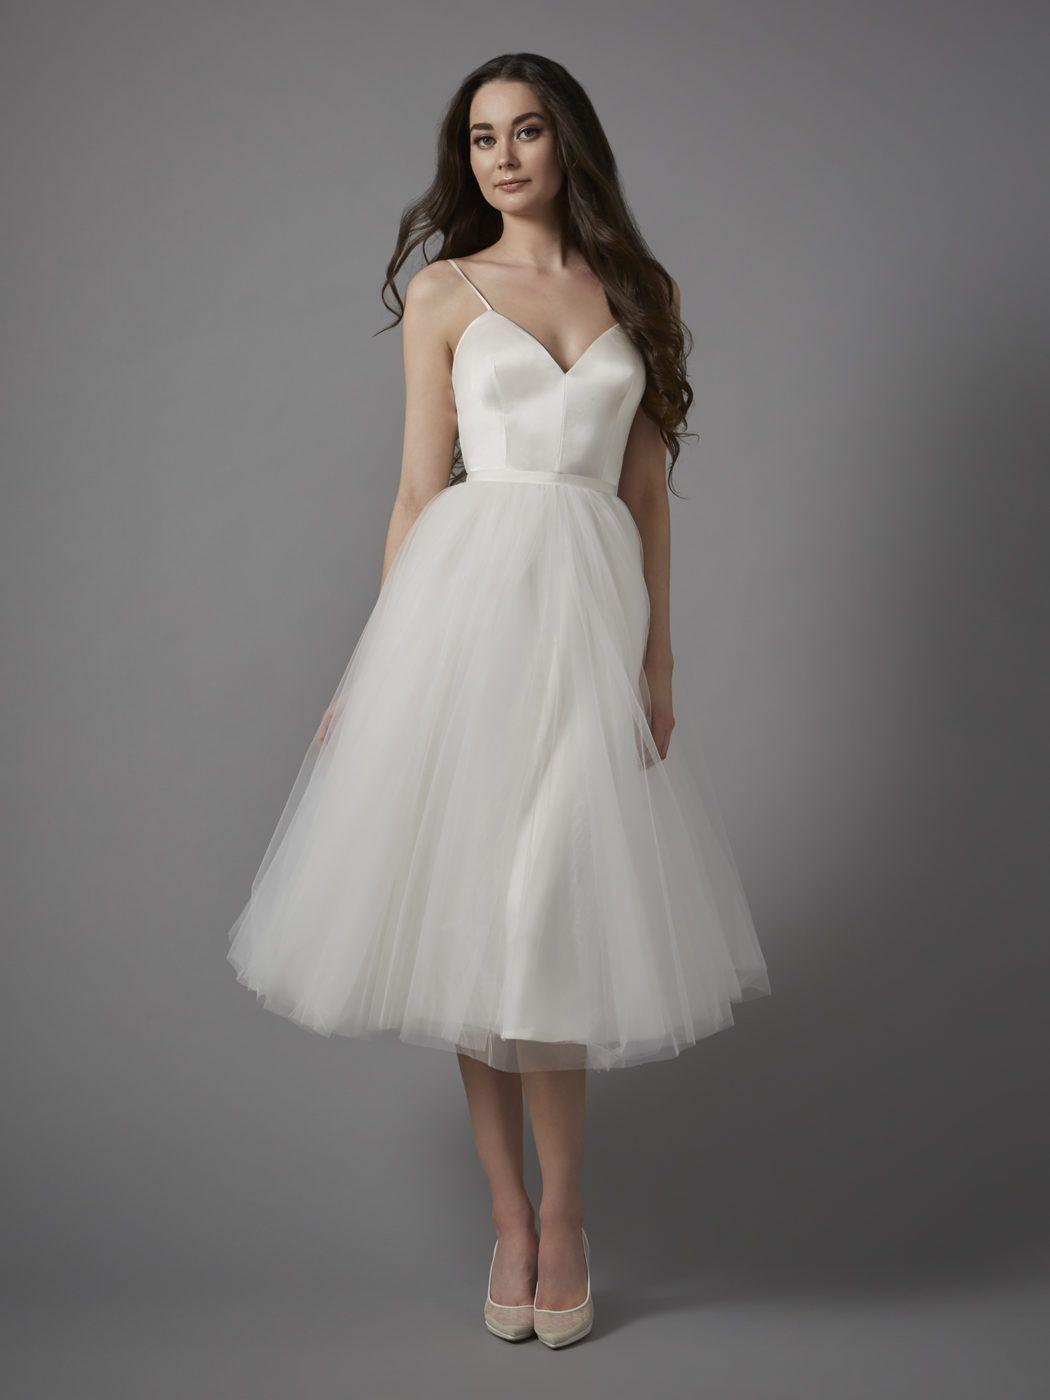 Camilla6004  Hochzeit Kleidung Hochzeit Kleidung Gast